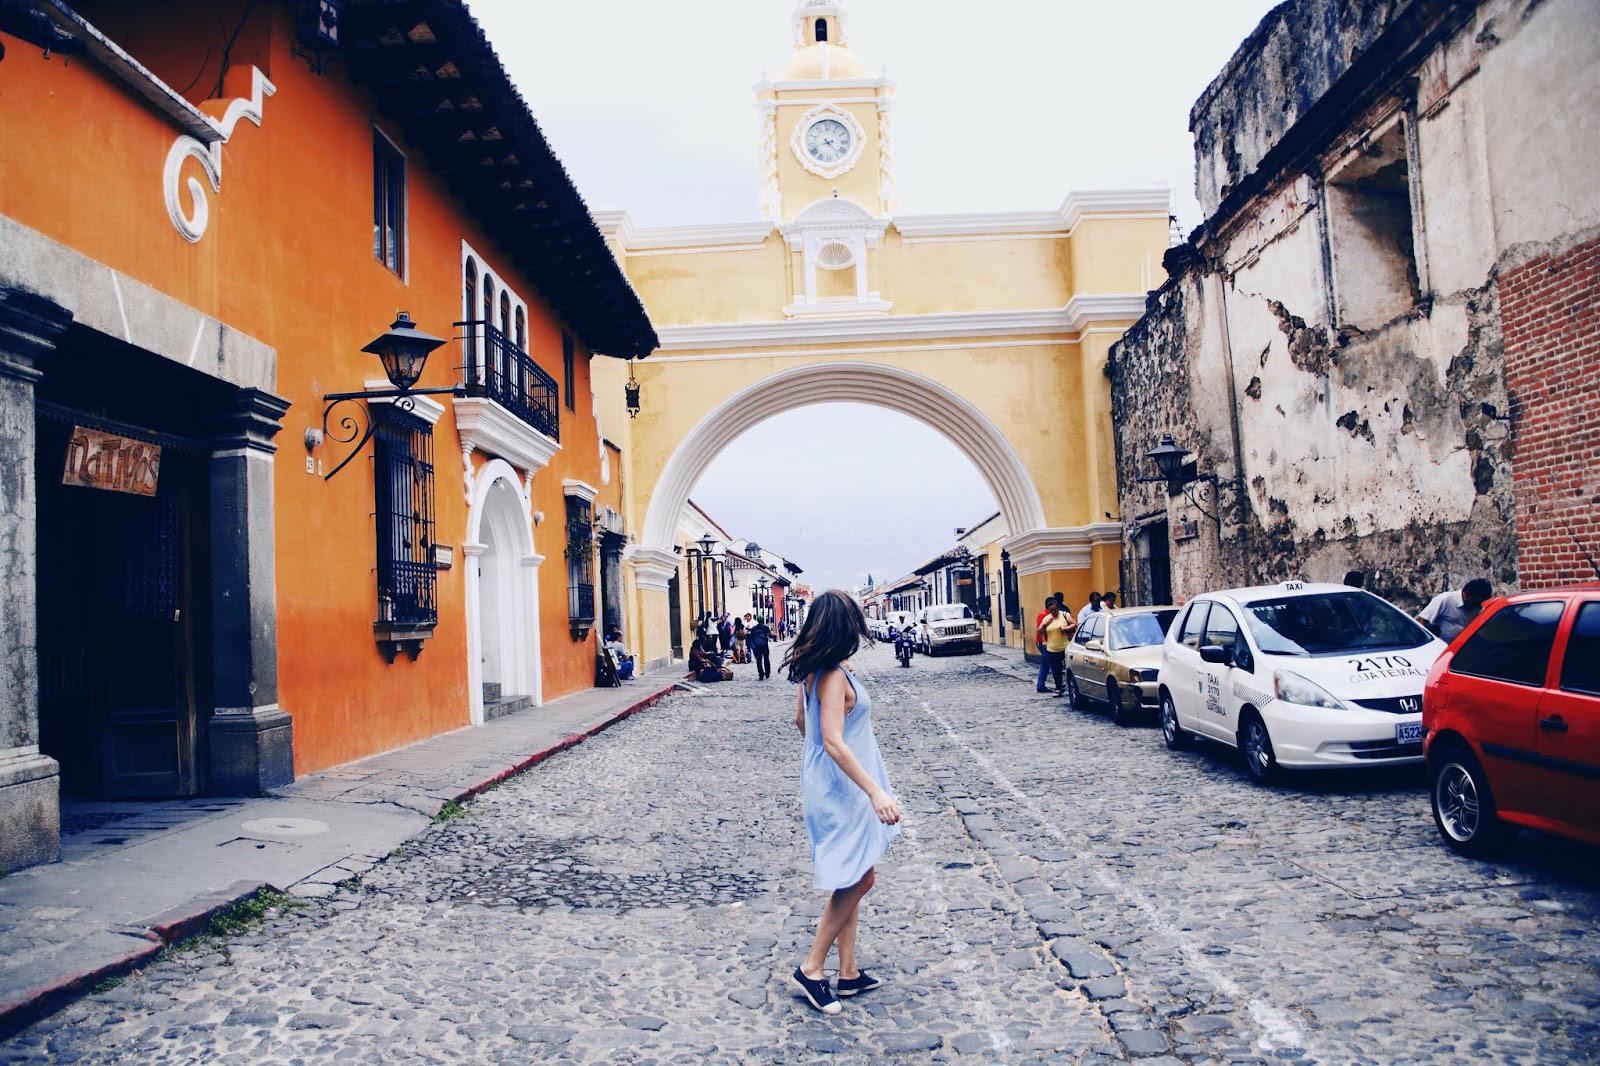 voyage guatemala belize voiture seuls sans groupe avis conseils itineraire